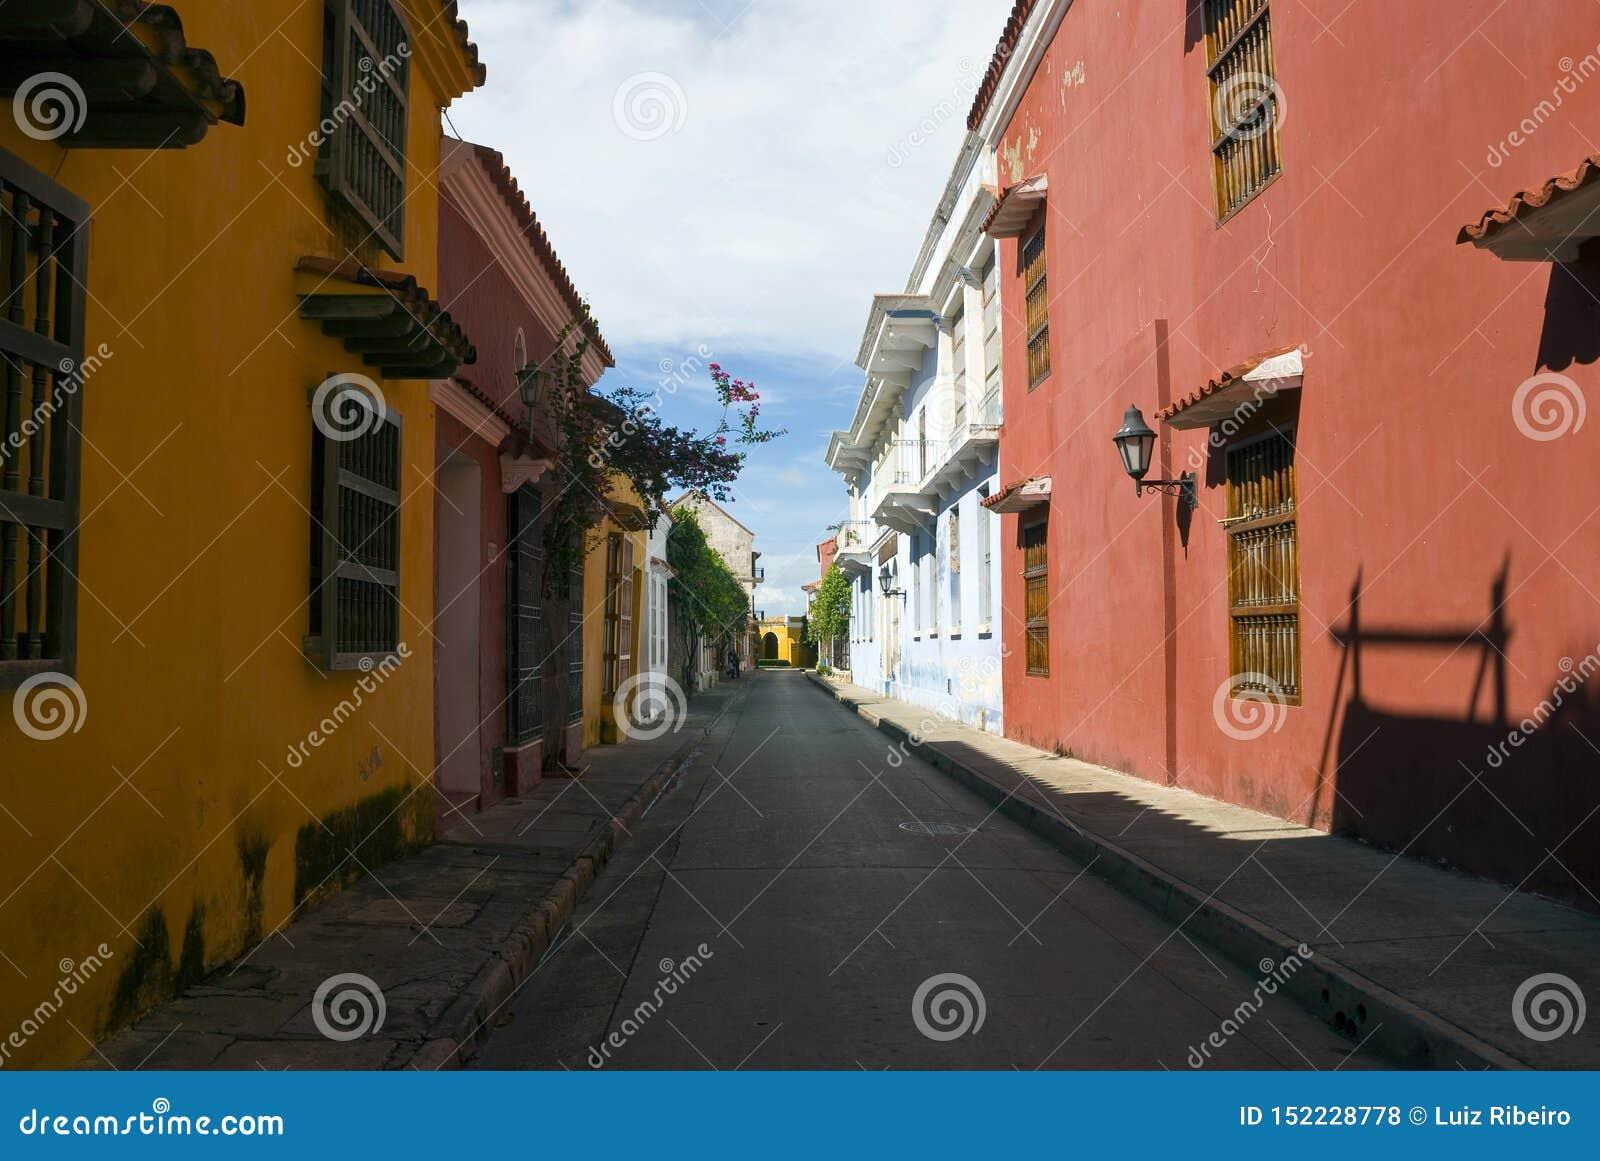 Cartagena de Indias, Col?mbia